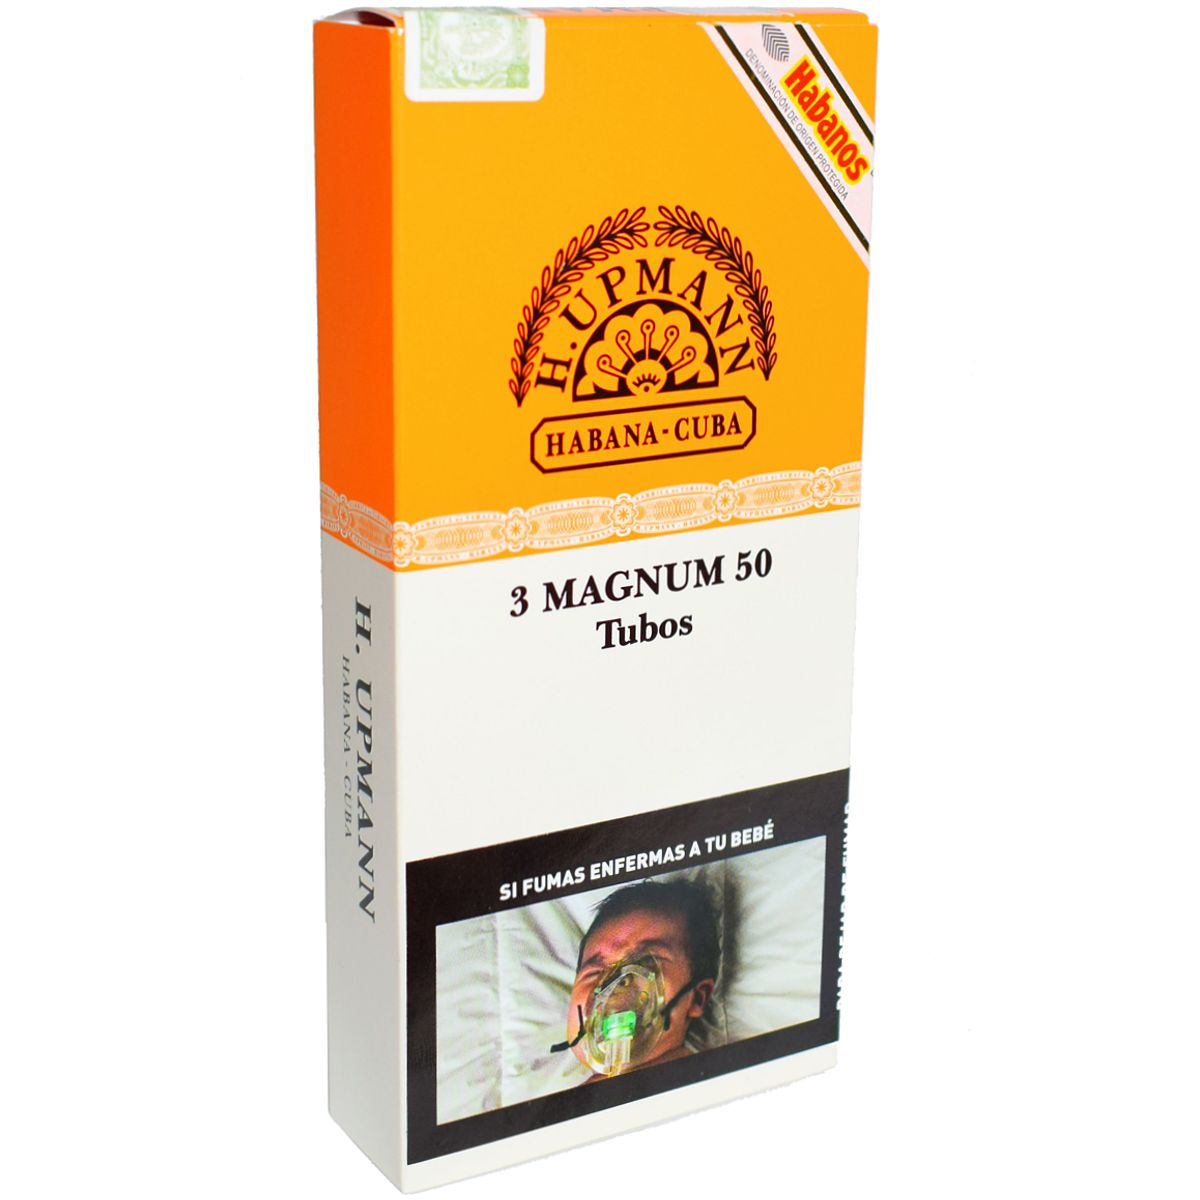 cigarros h upmann magnum 50 venta precios